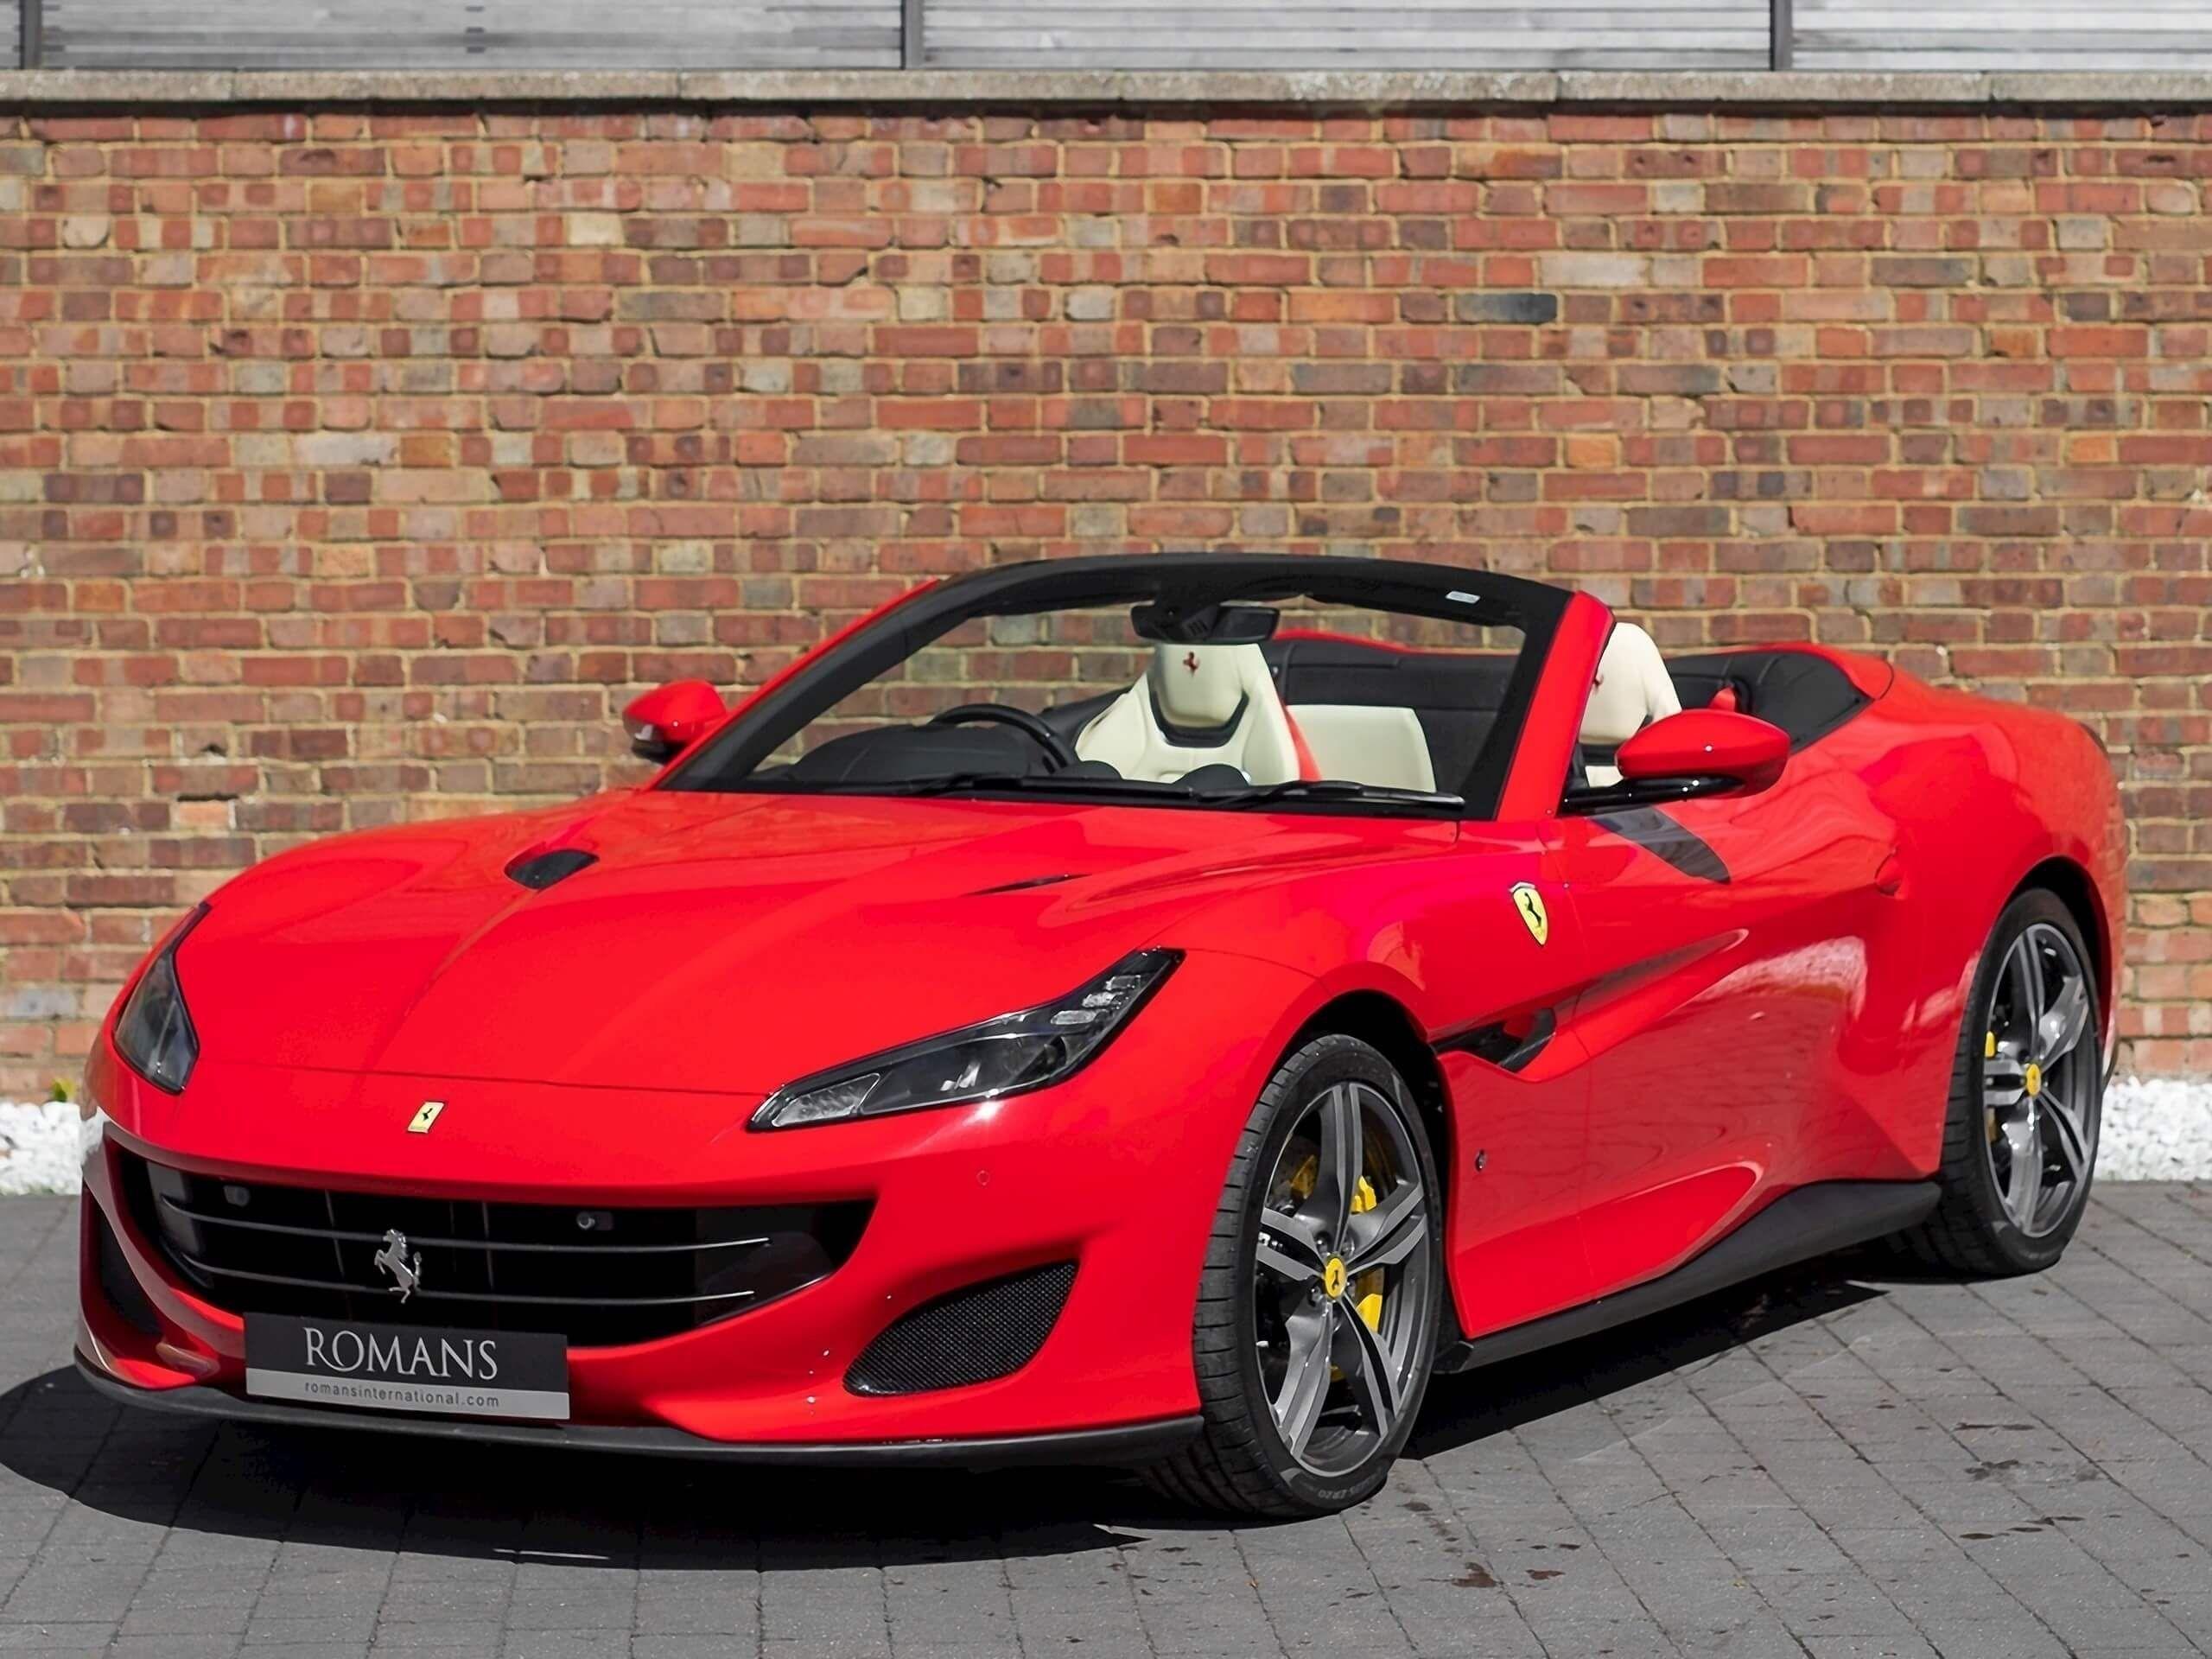 Harga Mobil Ferrari 2020 Autos Y Motos Autos Ferrari